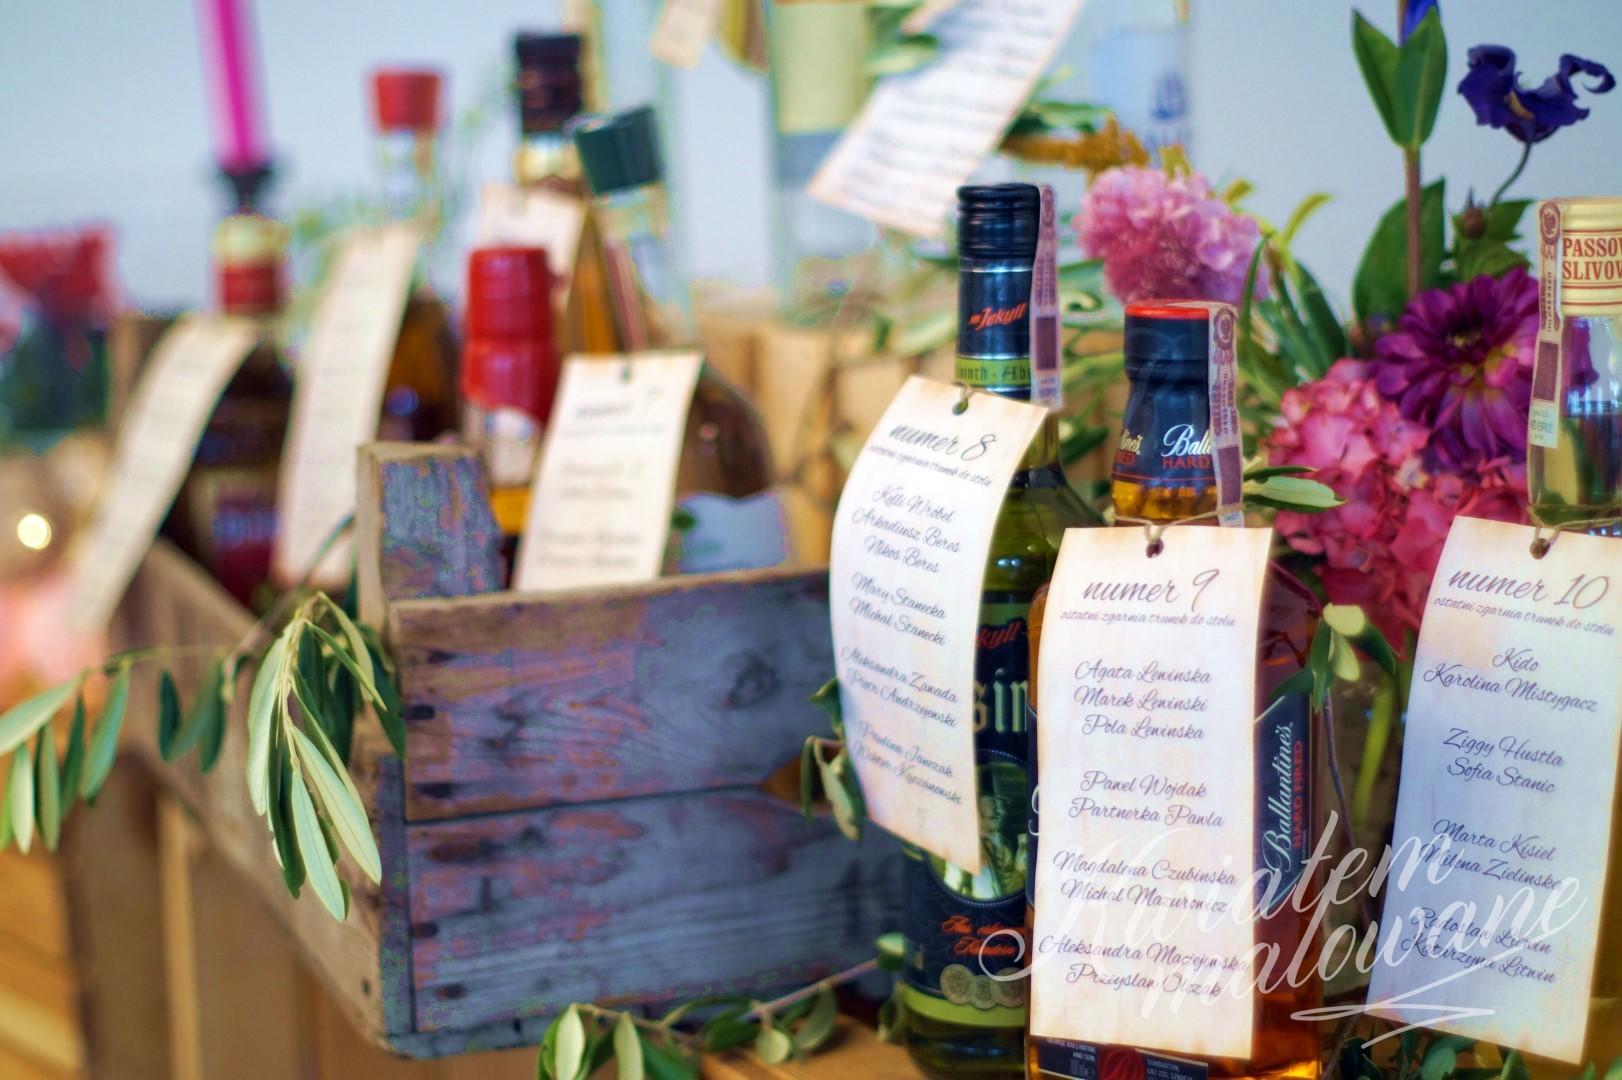 skrzynki-z-alkoholem-przystrojone-kwiatami